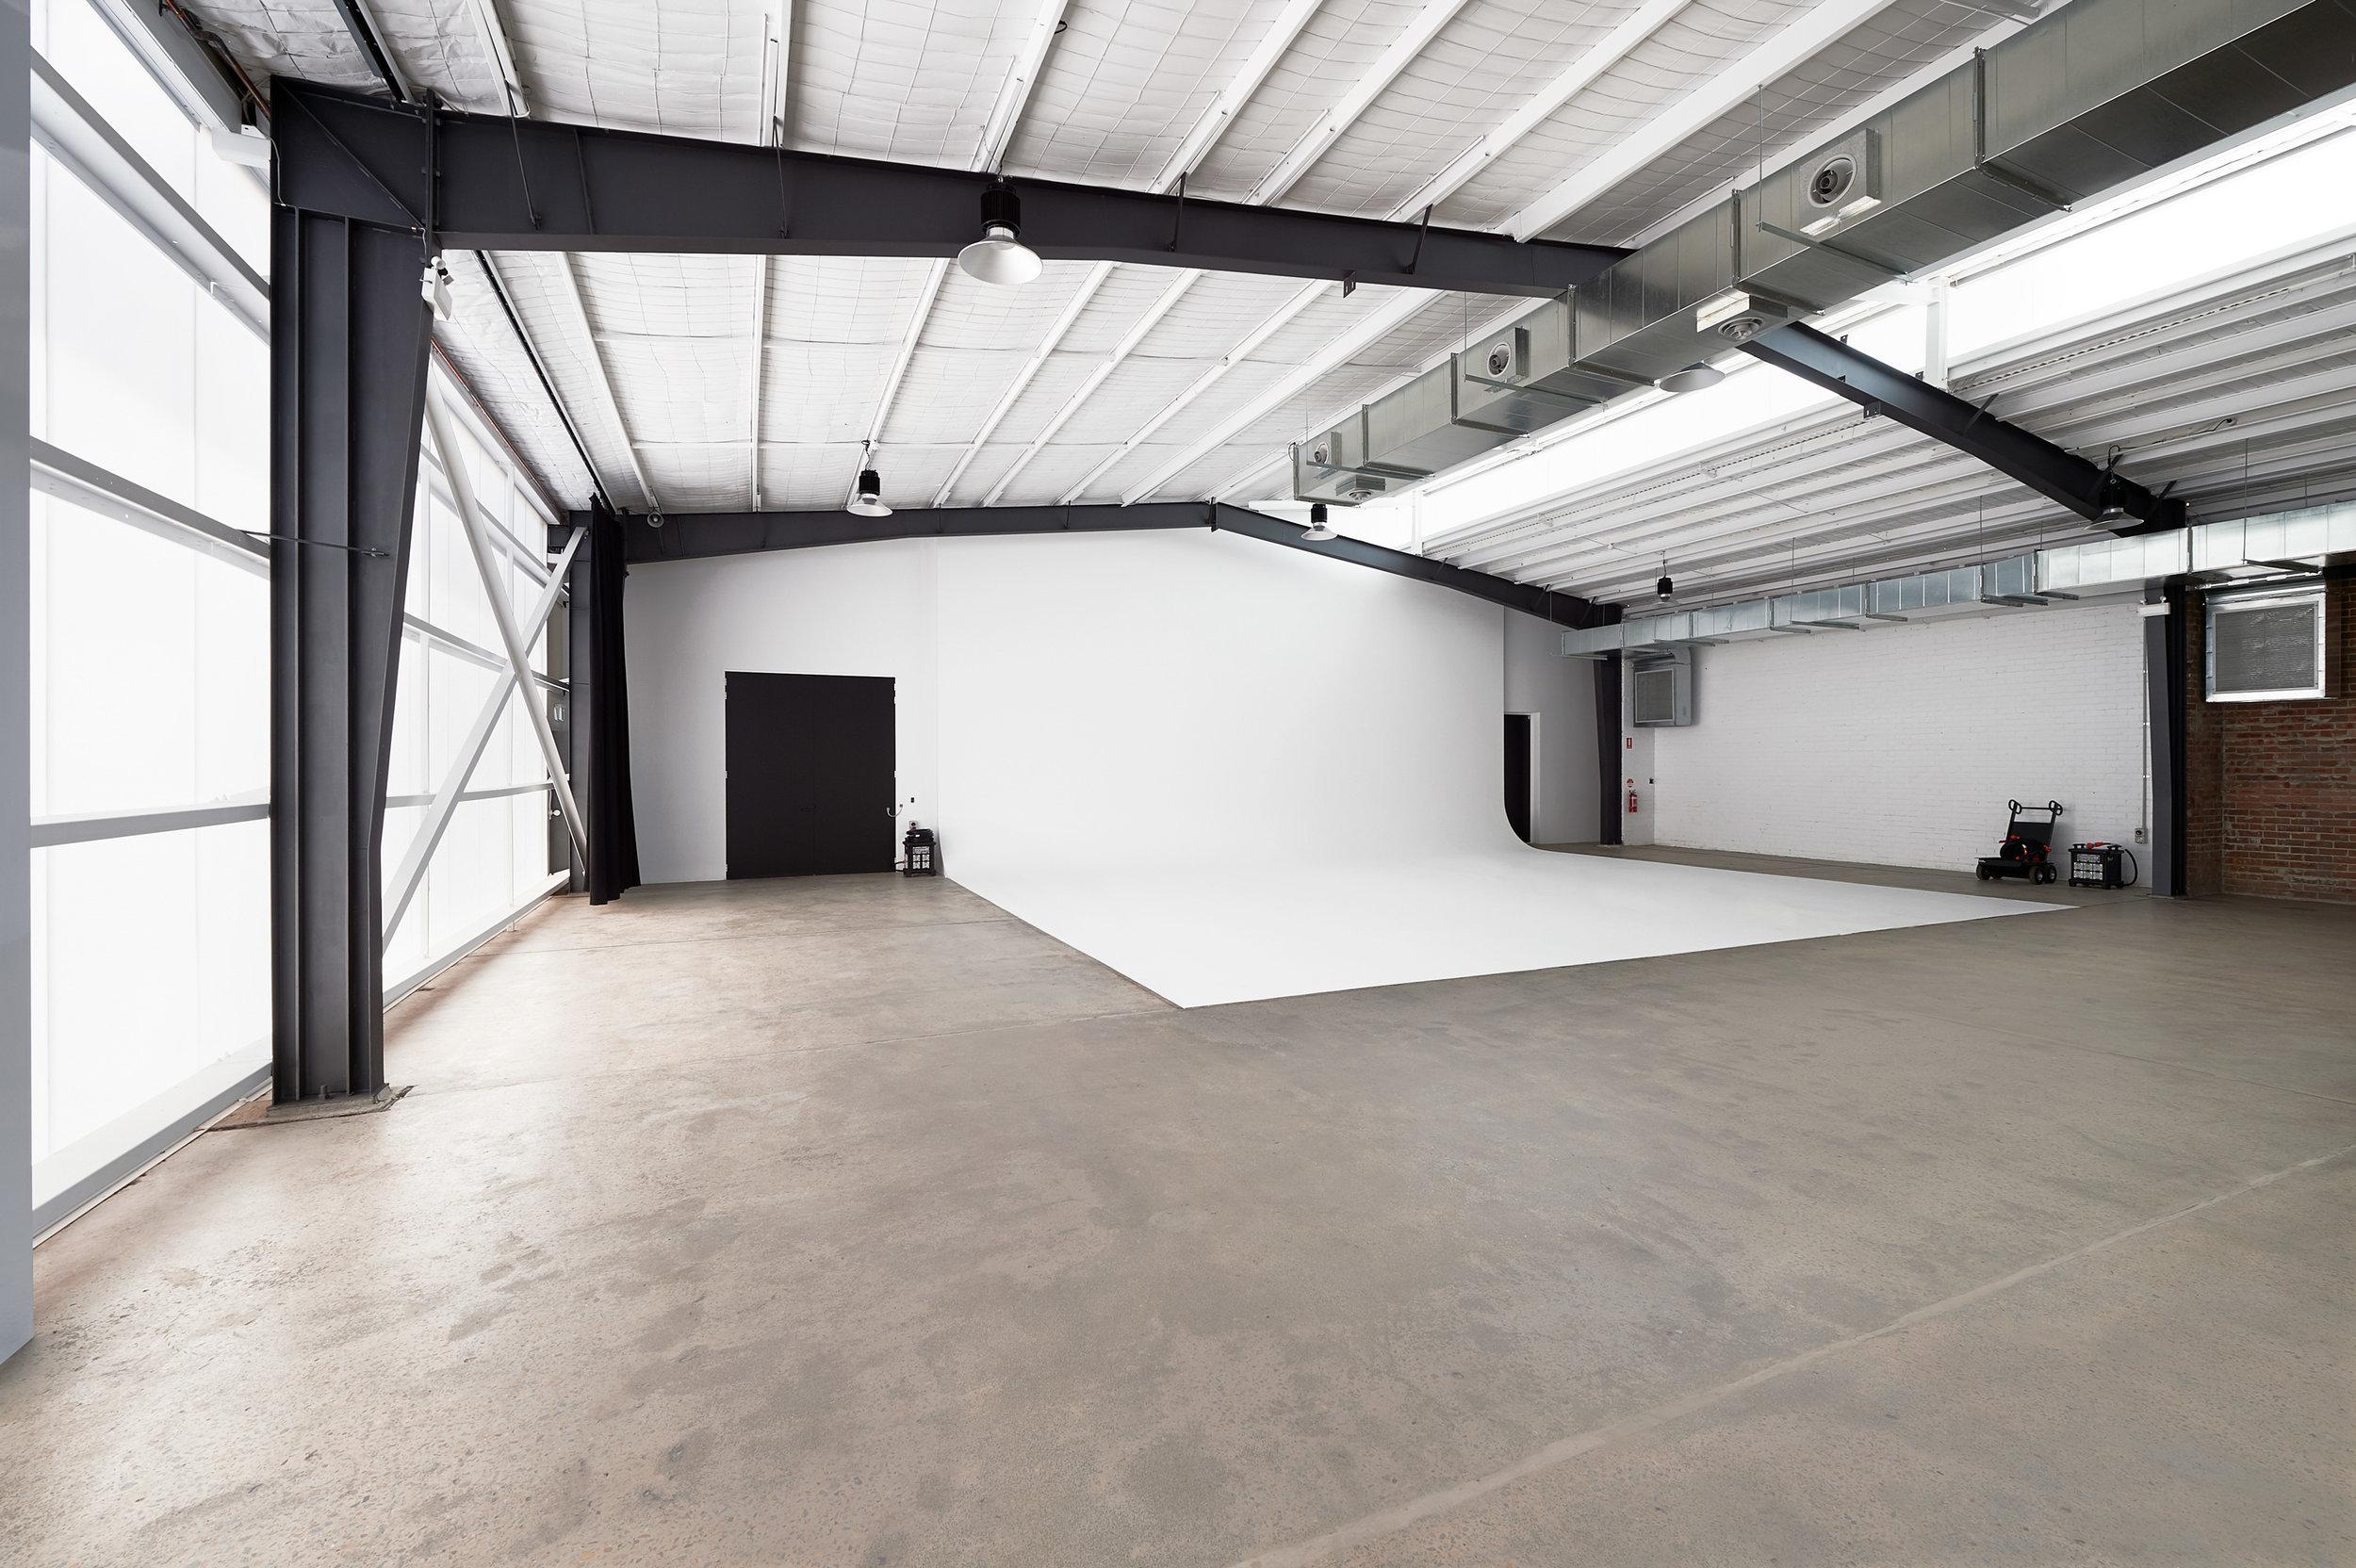 Baker-Street-Studios-Home-Studio-02.jpg